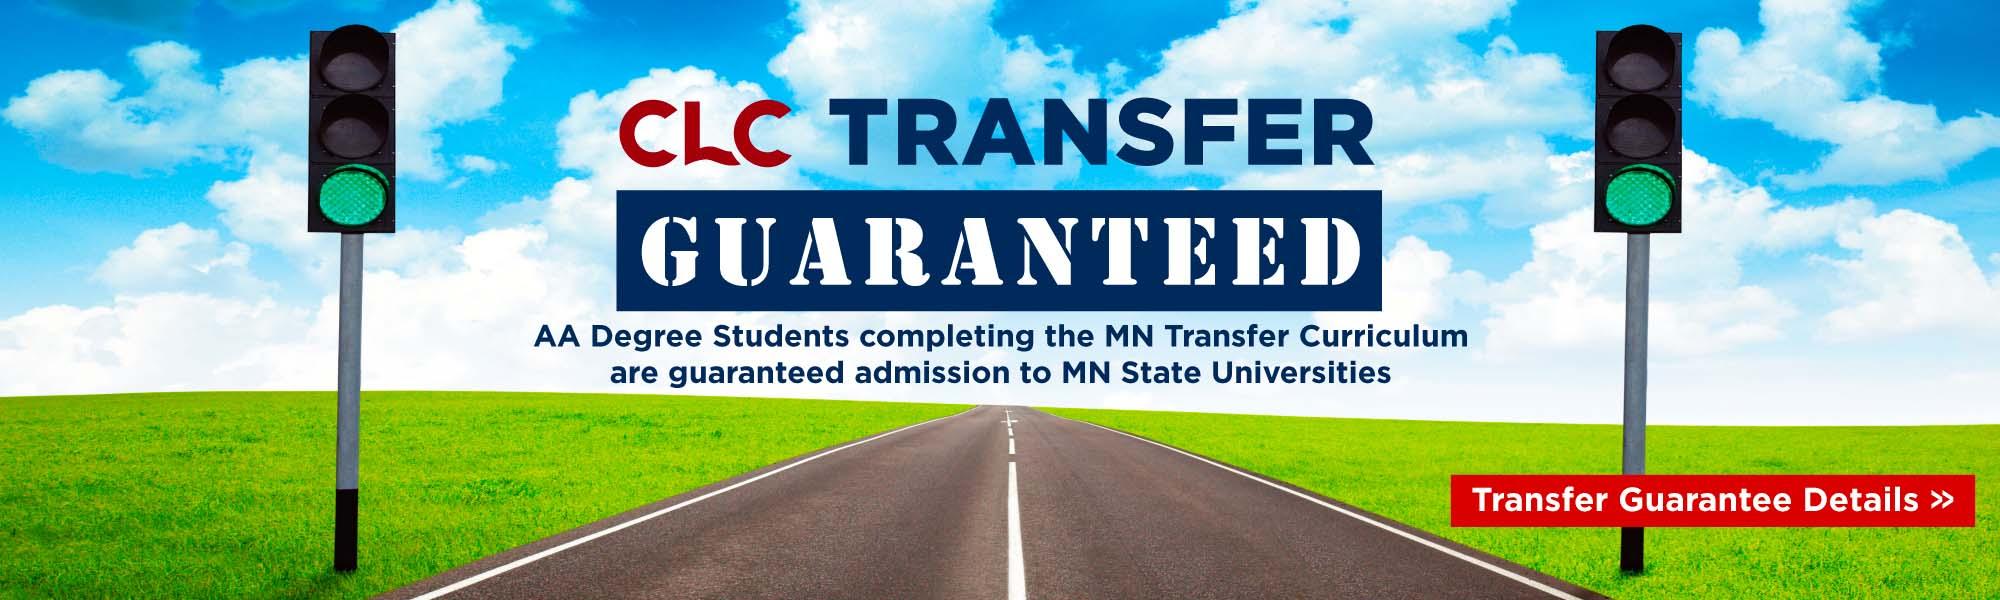 transer guarantee